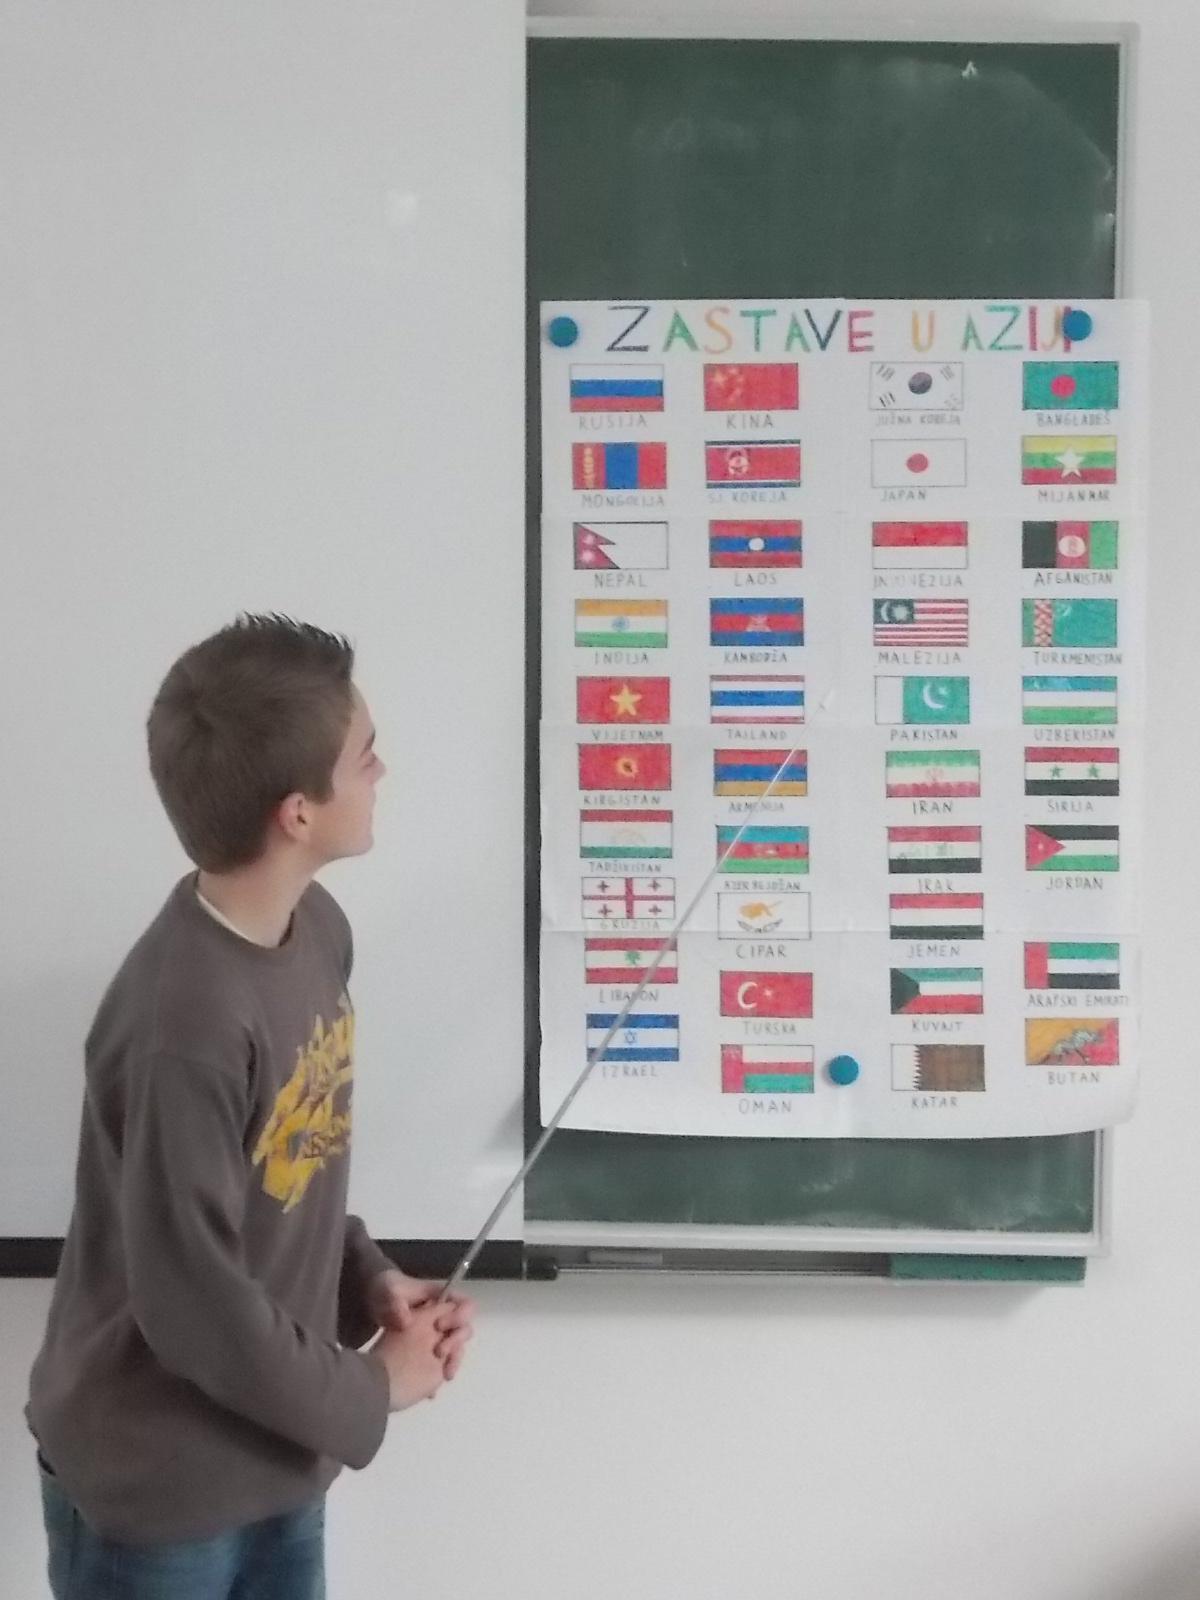 individualni rad - referat o zastavama Azije 012